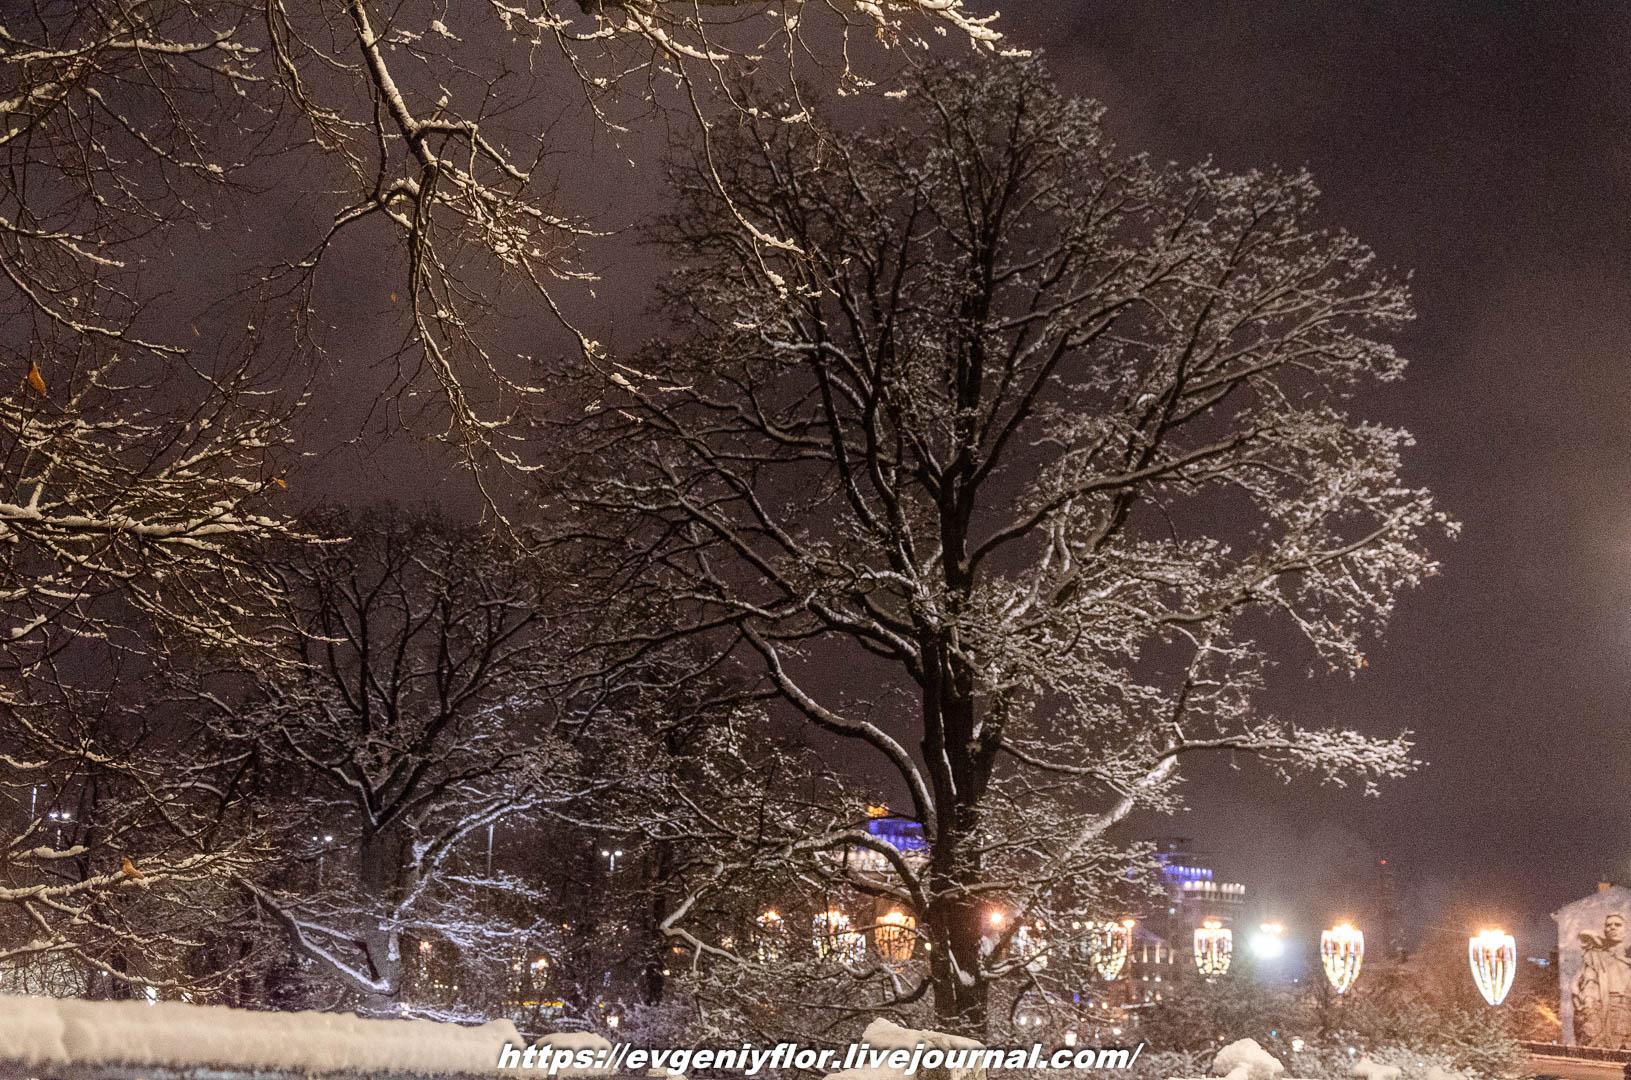 Вечерняя прогулка после снегопада    13 02 - 2019 Среда !Новая папка (2)6777.jpg